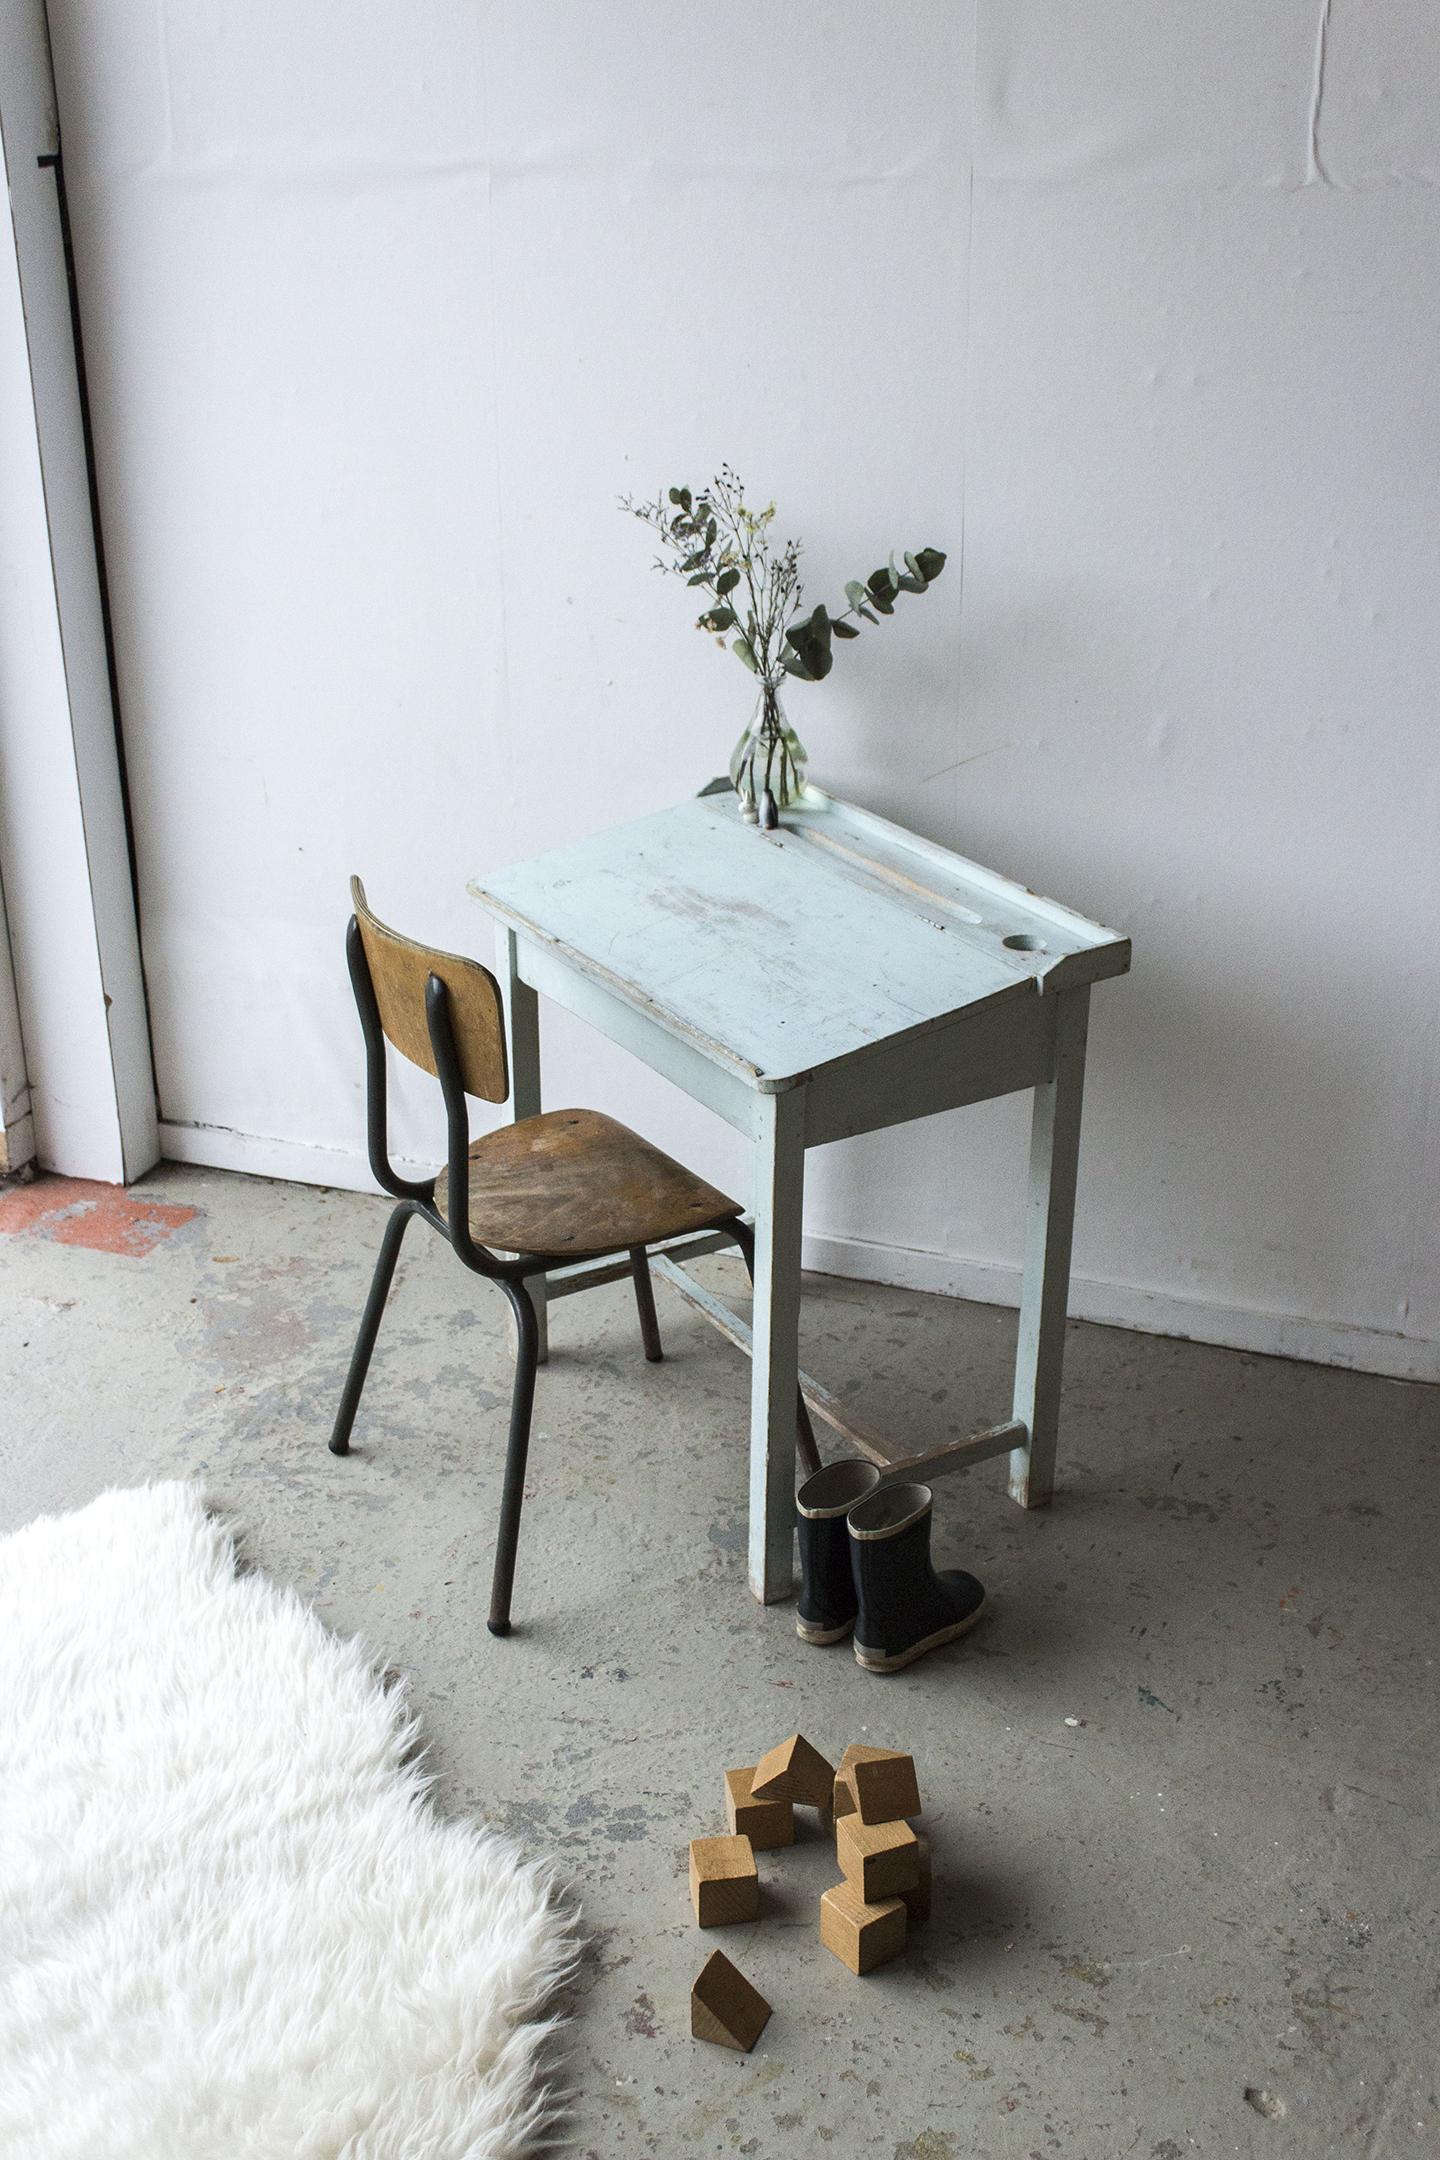 3162 - Lichtblauw vintage kleutertafeltje - Firma zoethout_1.jpg